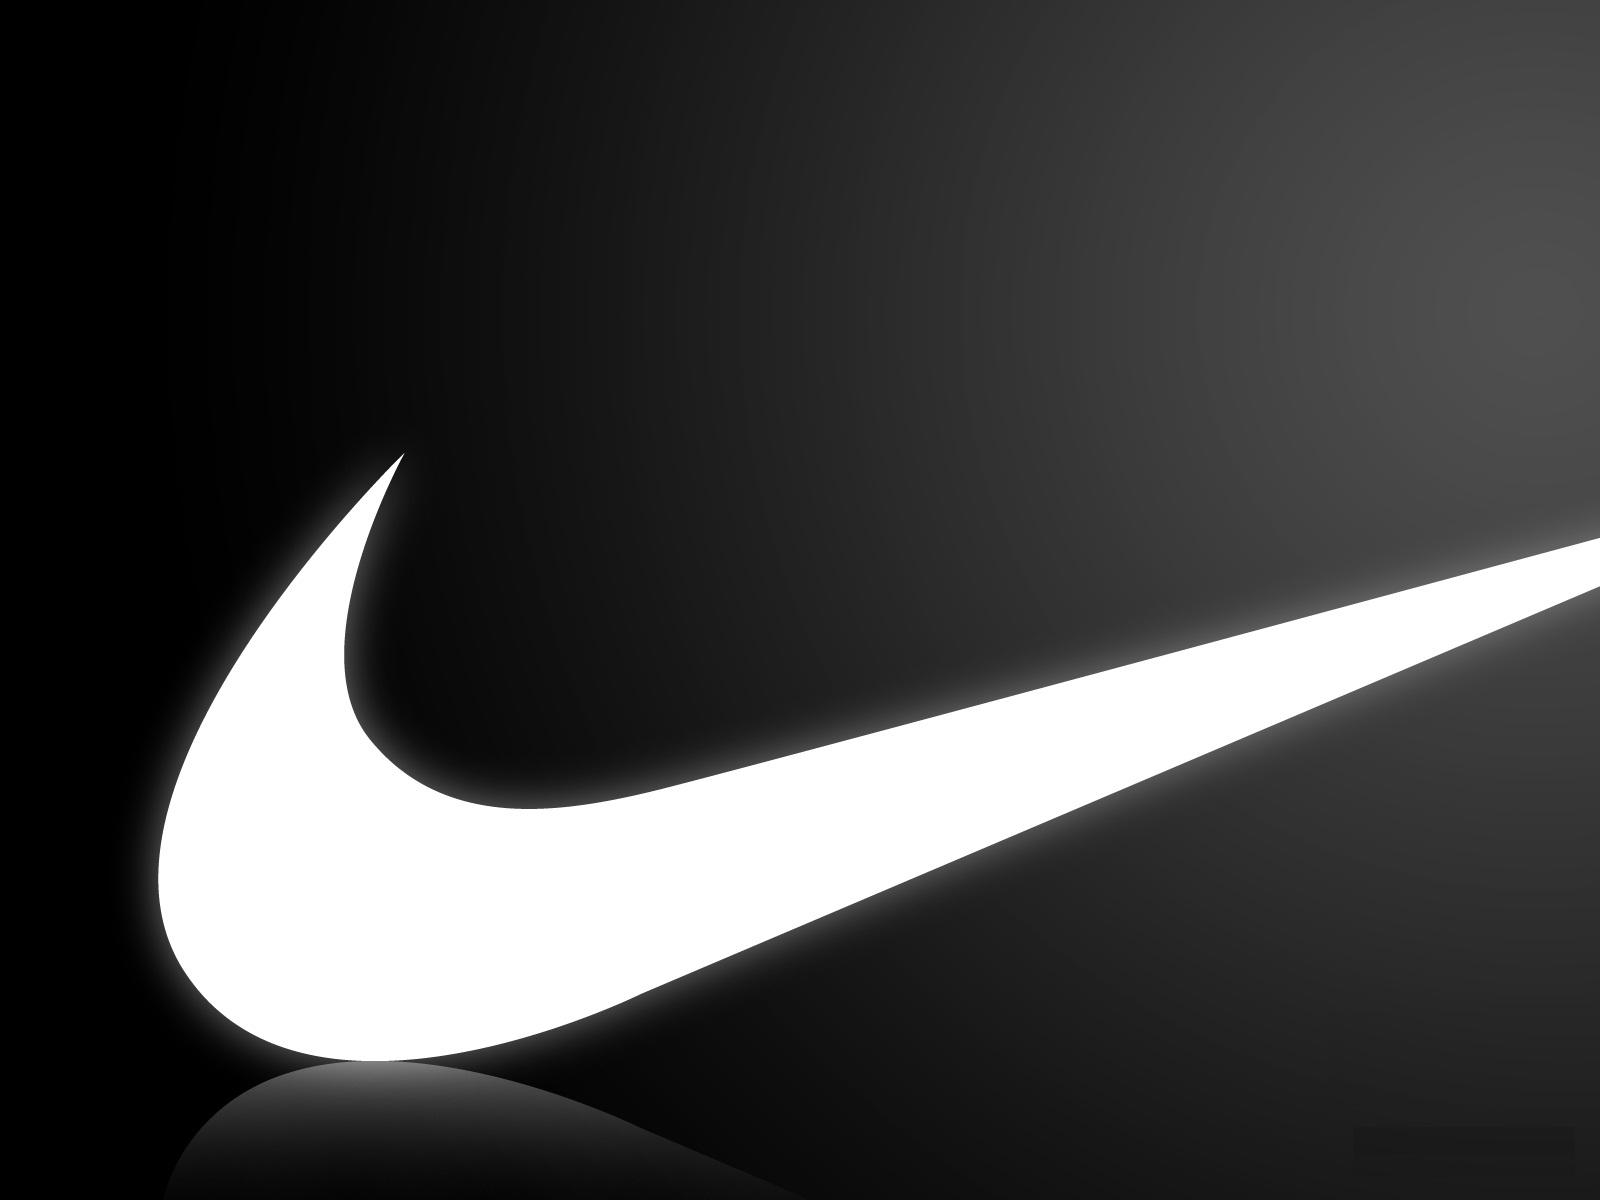 Best Nike Desktop Backgrounds 1600x1200